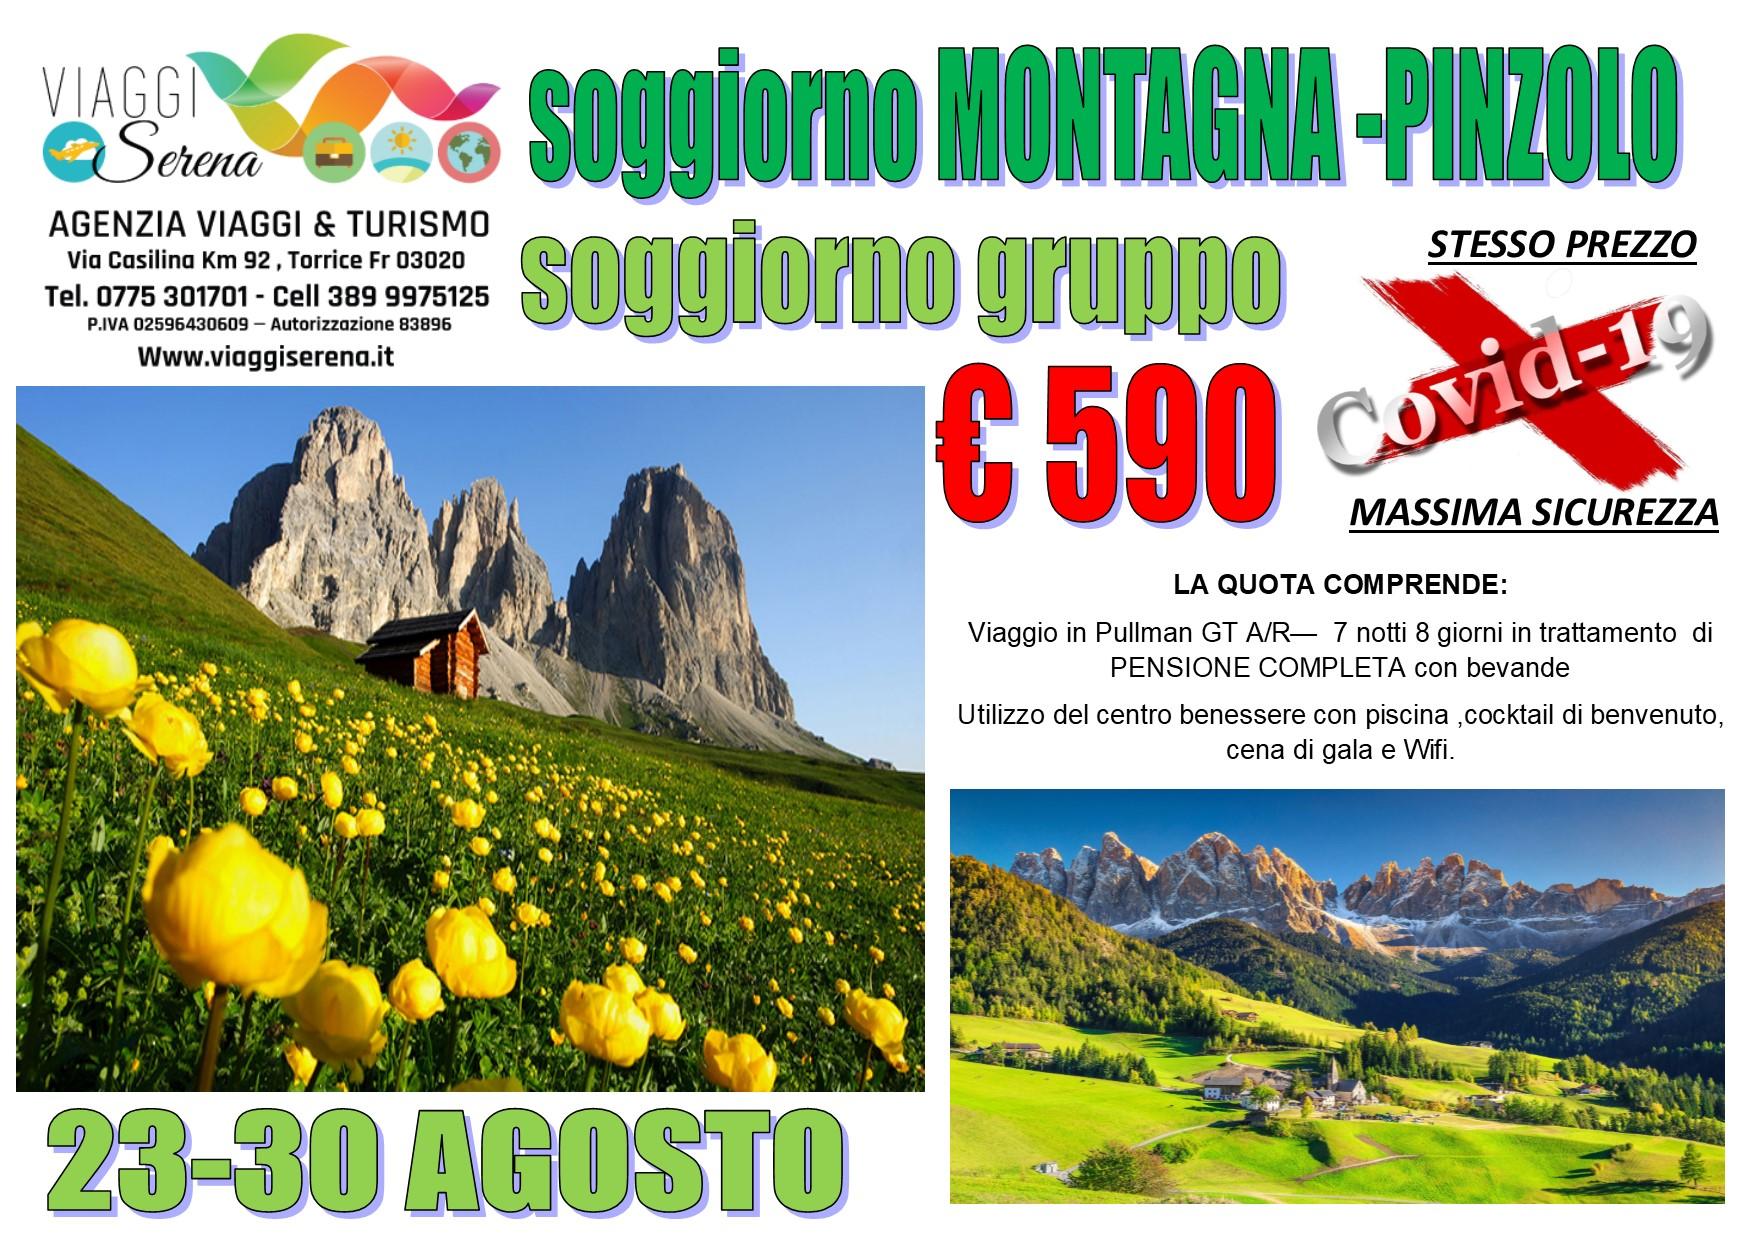 Viaggi di Gruppo: Soggiorno MONTAGNA a  Pinzolo 23-30 AGOSTO €590,00